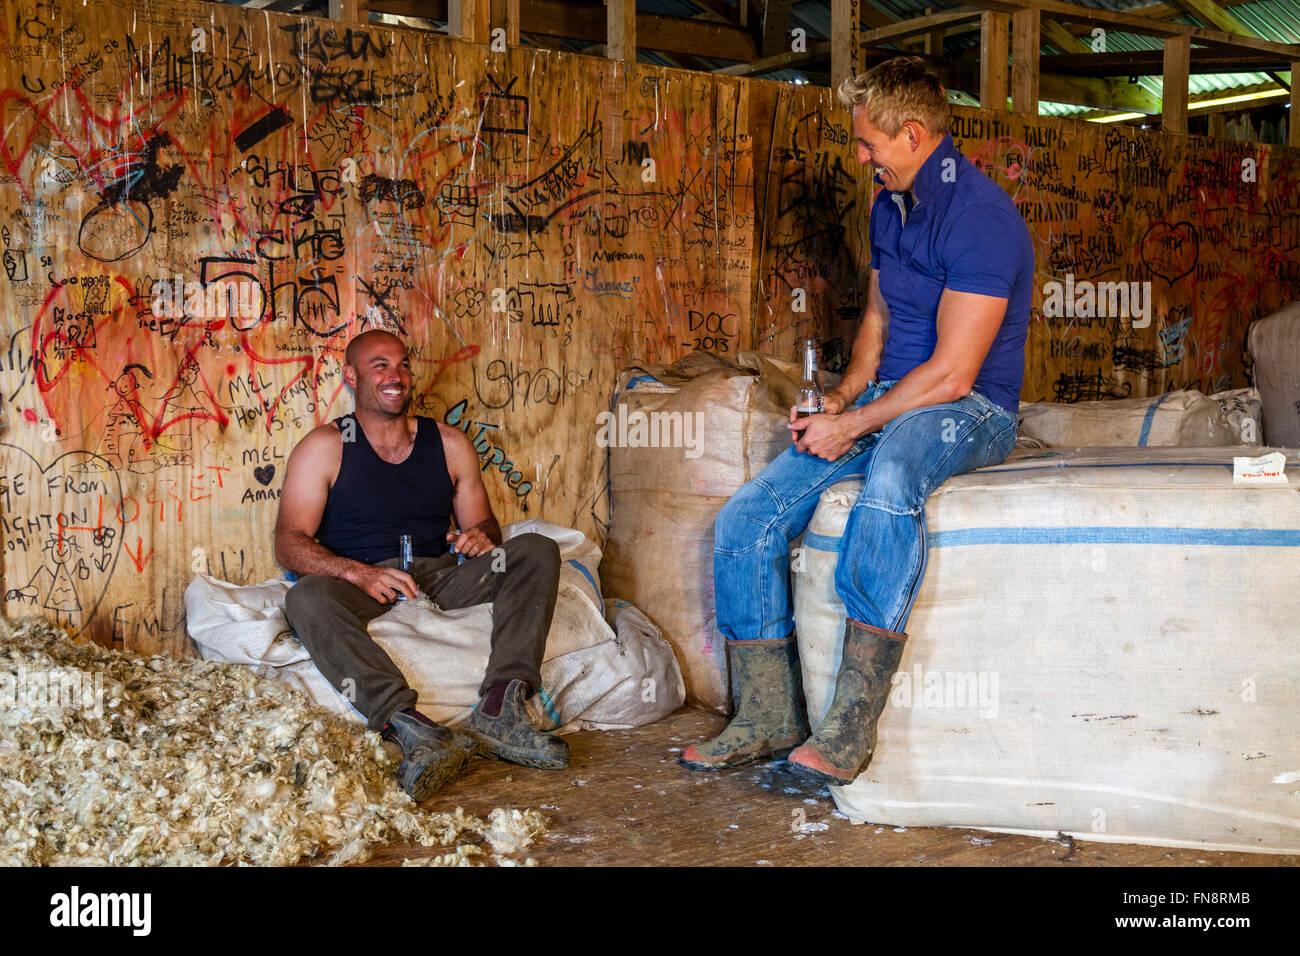 Due gli allevatori di pecore rilassarsi nella lana sparso dopo una mattinata trascorso la tosatura delle pecore, Foto Stock